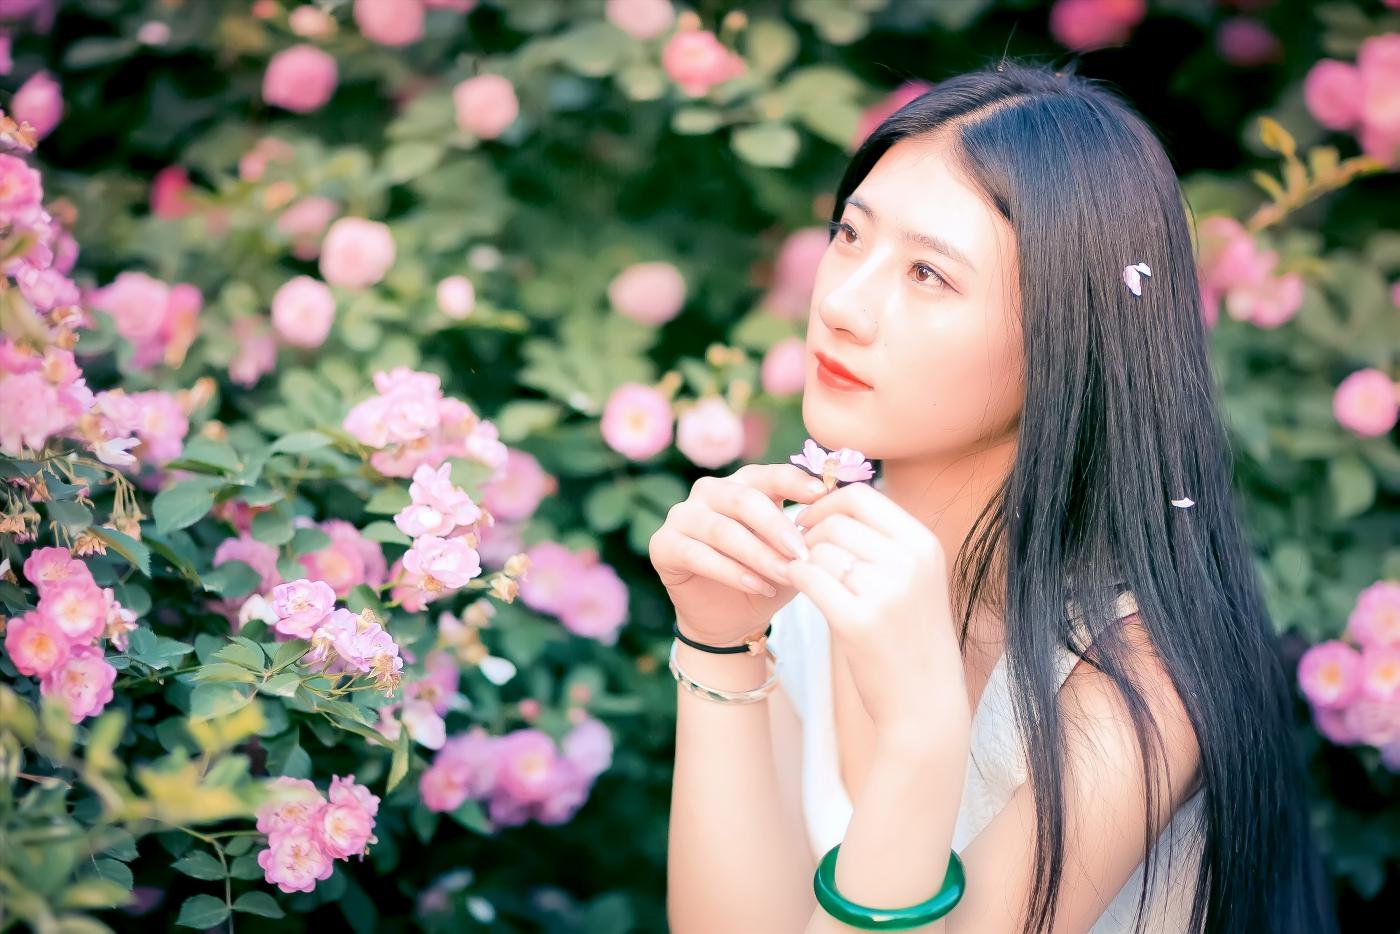 临沂大学有这么一道美丽的蔷薇长廊 当蔷薇MM王璐在她面前走过 ..._图1-16